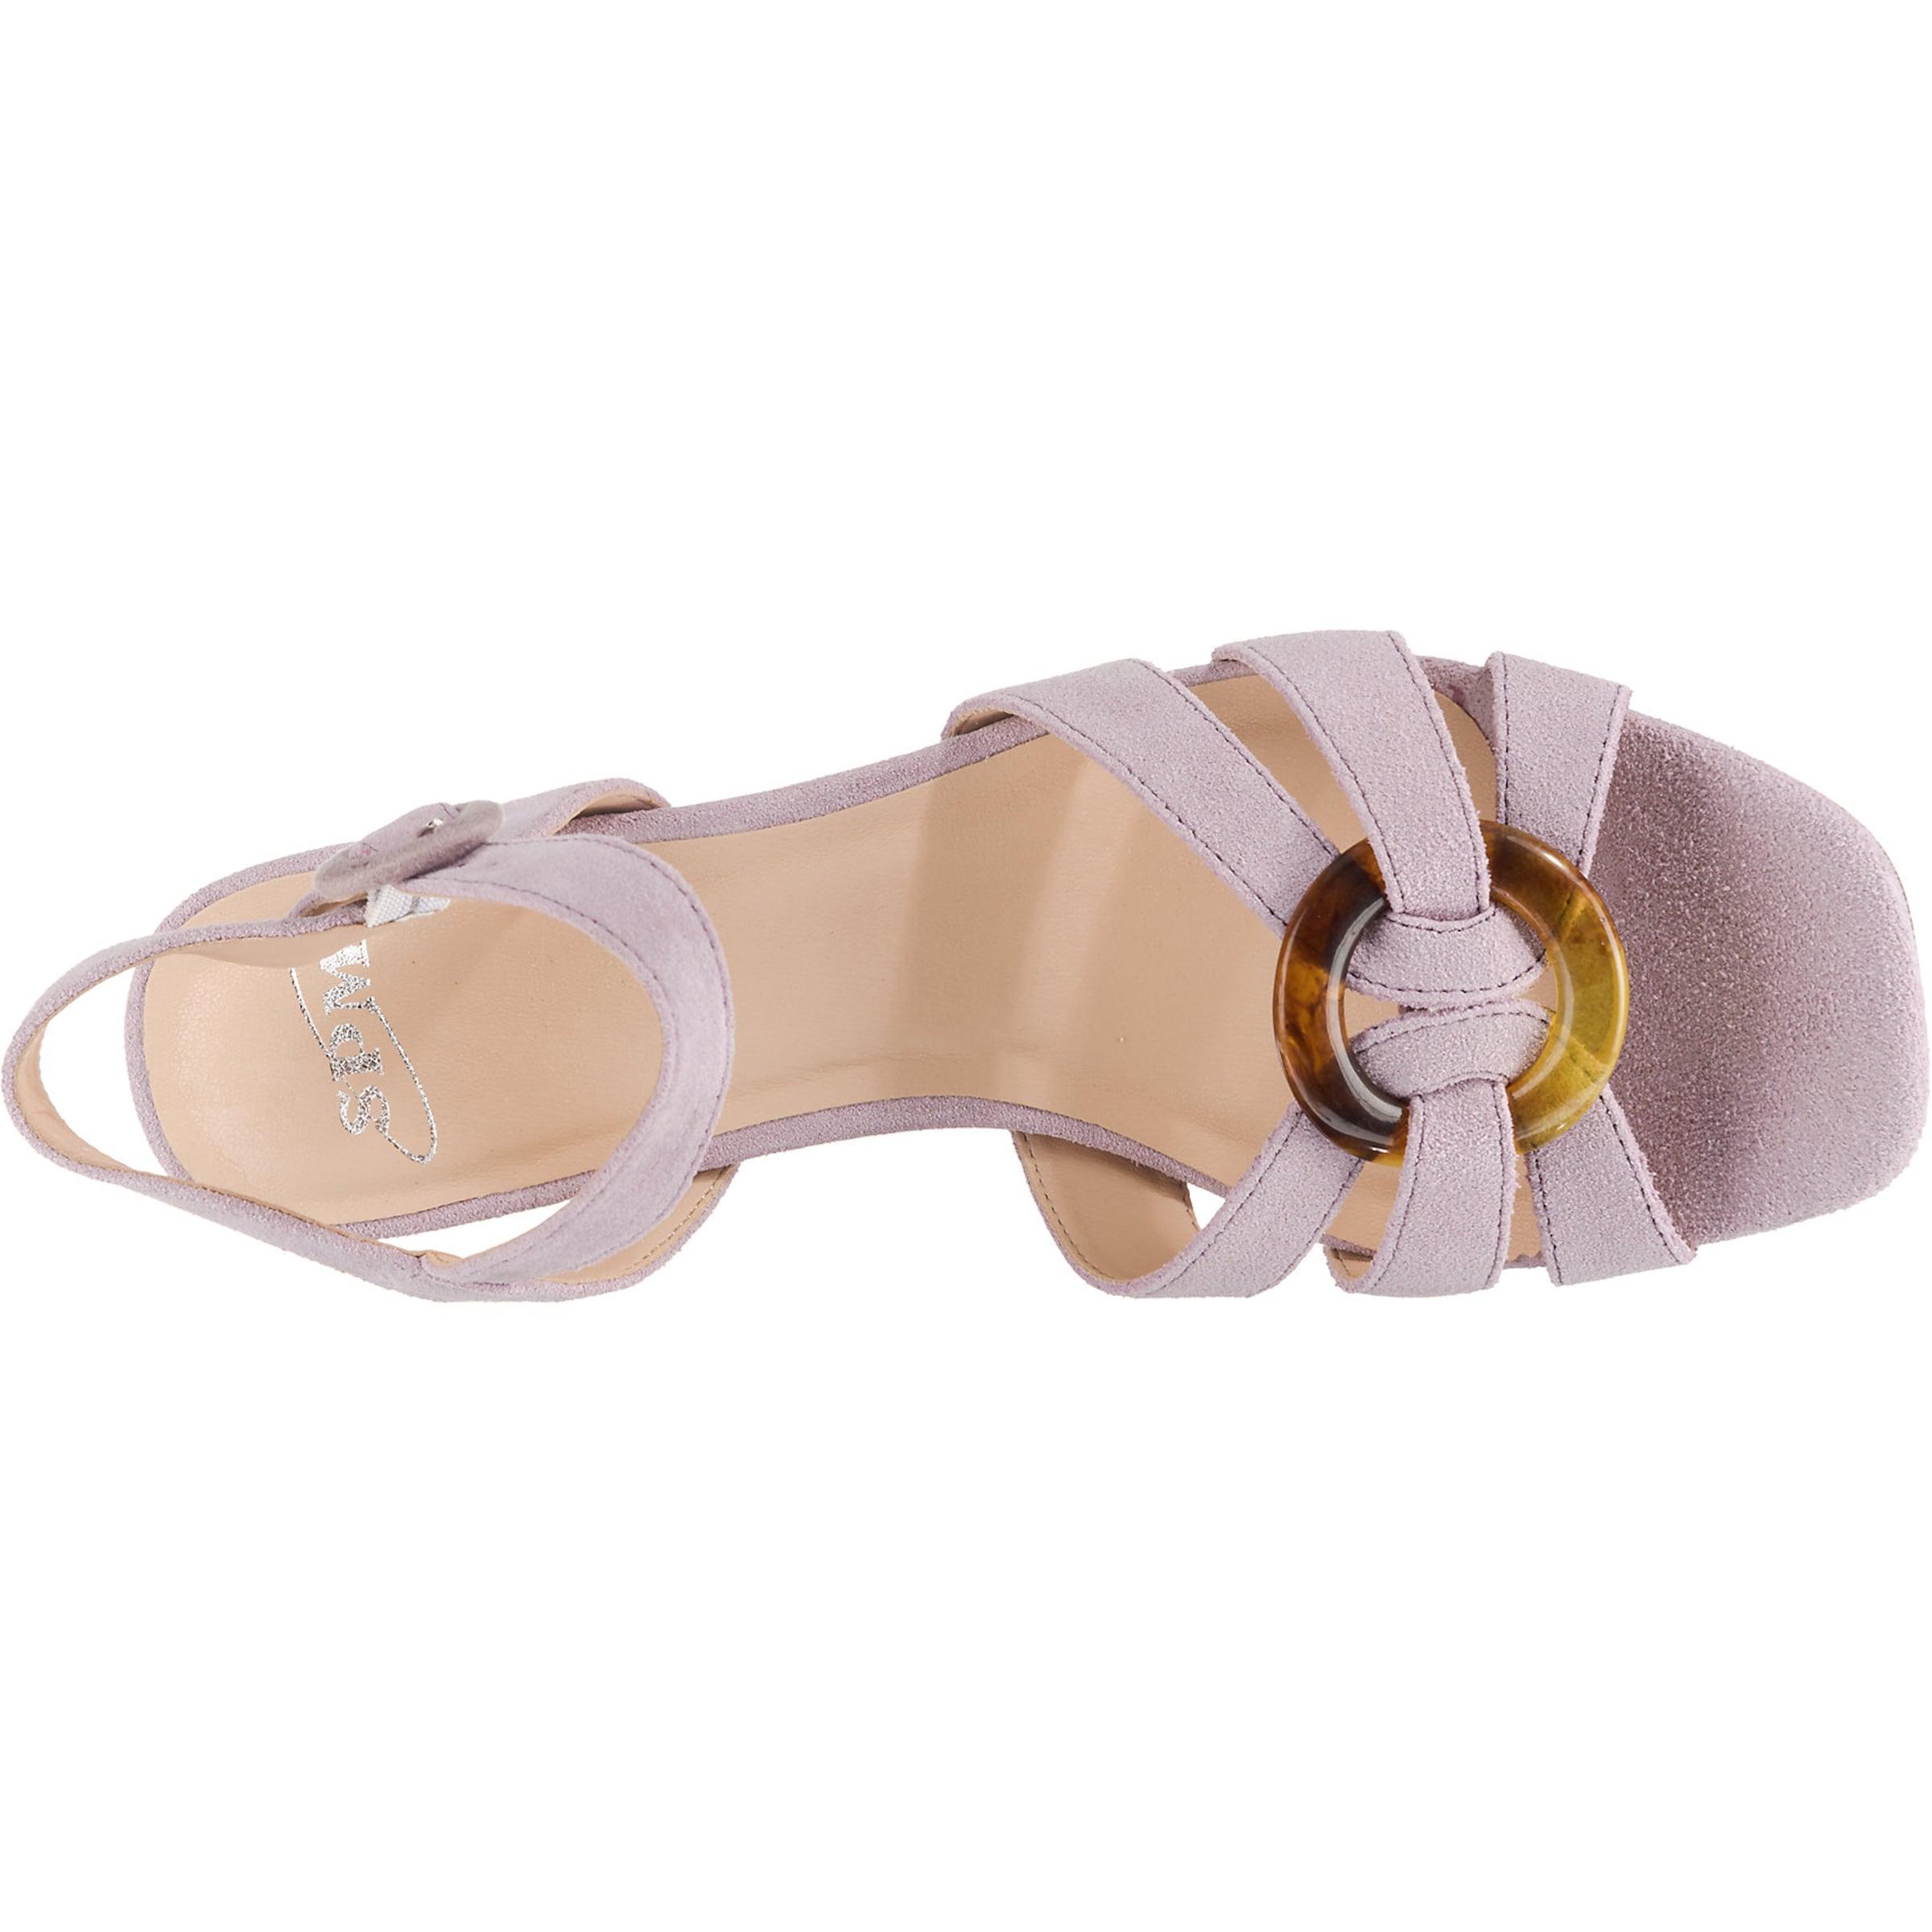 Sandaletten Lila Lila Spm Spm 'torty' Sandaletten In 'torty' In wO8n0vmN